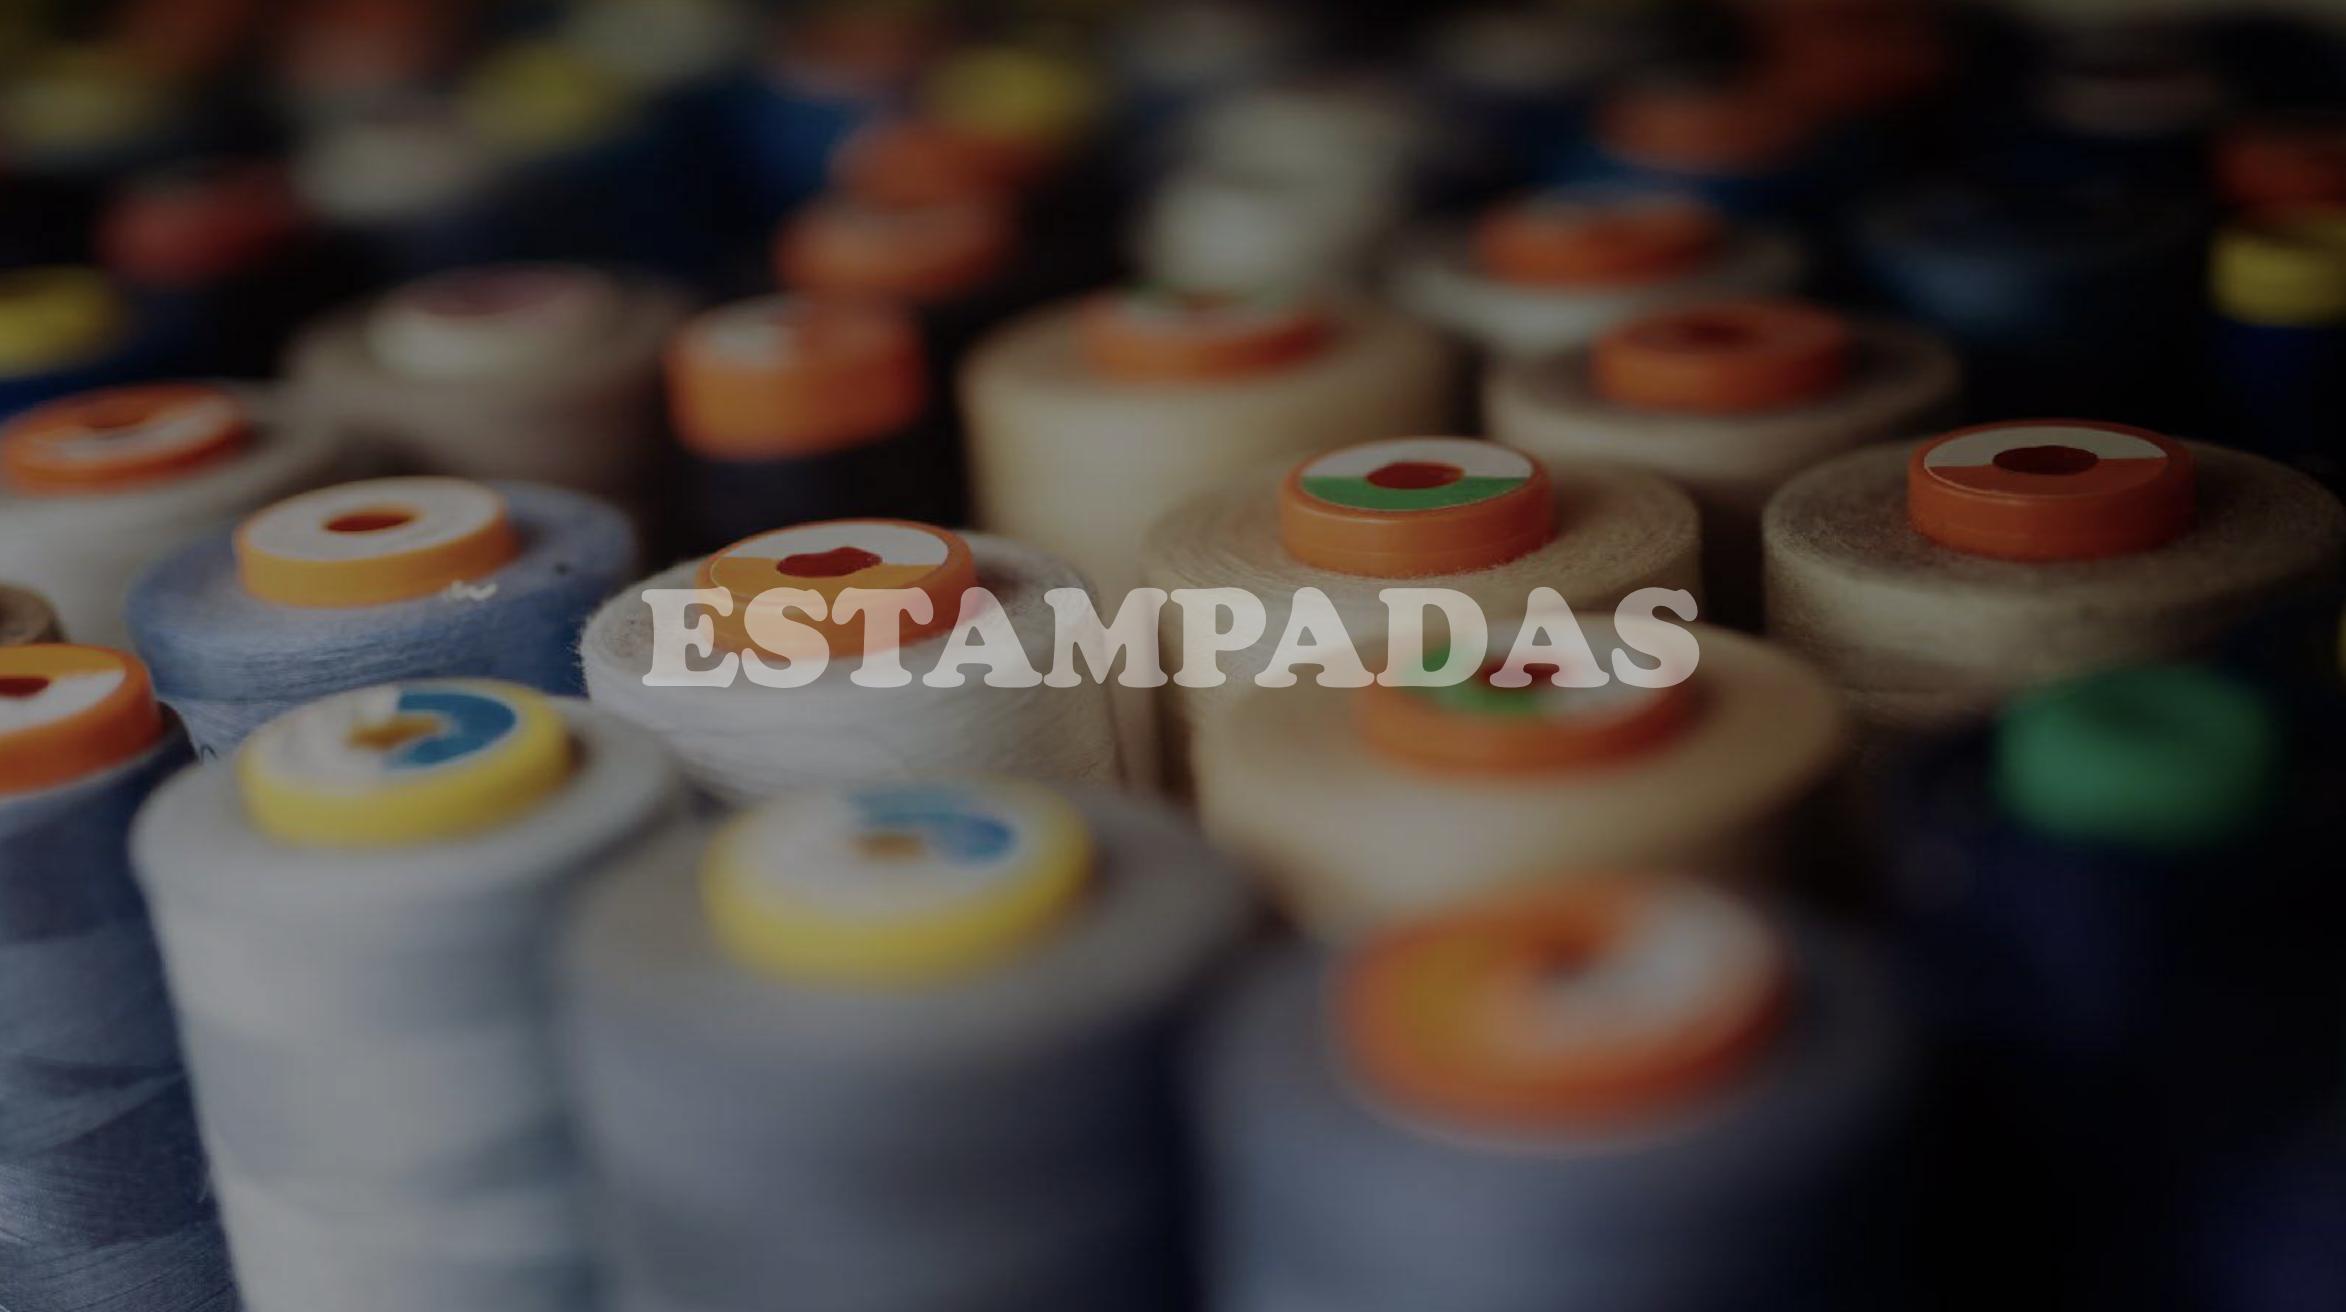 03-ESTAMPADAS